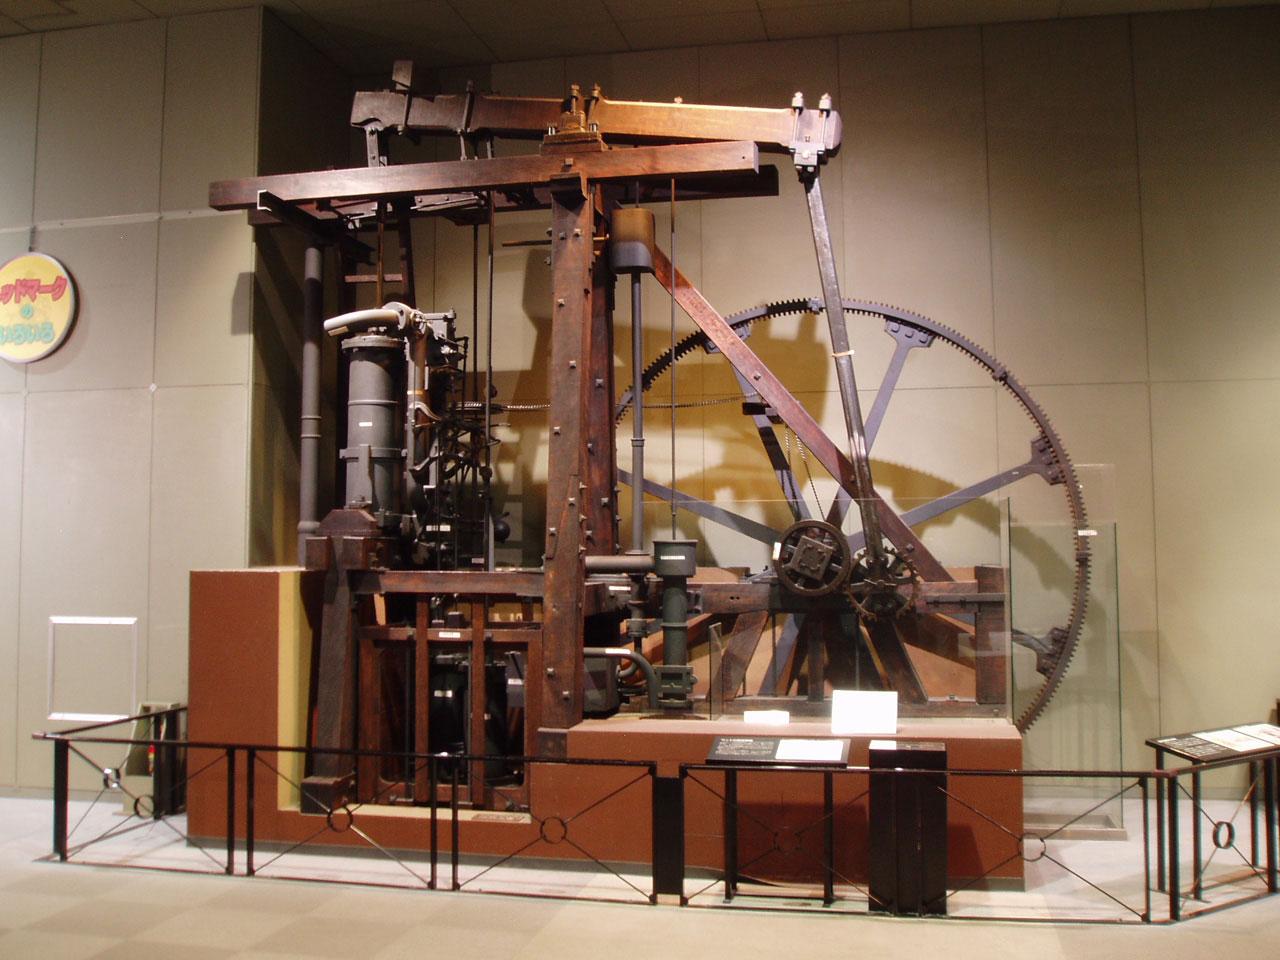 James Watt & Joseph Fry - Letters, 3 Steam Engines & an Alkali Works